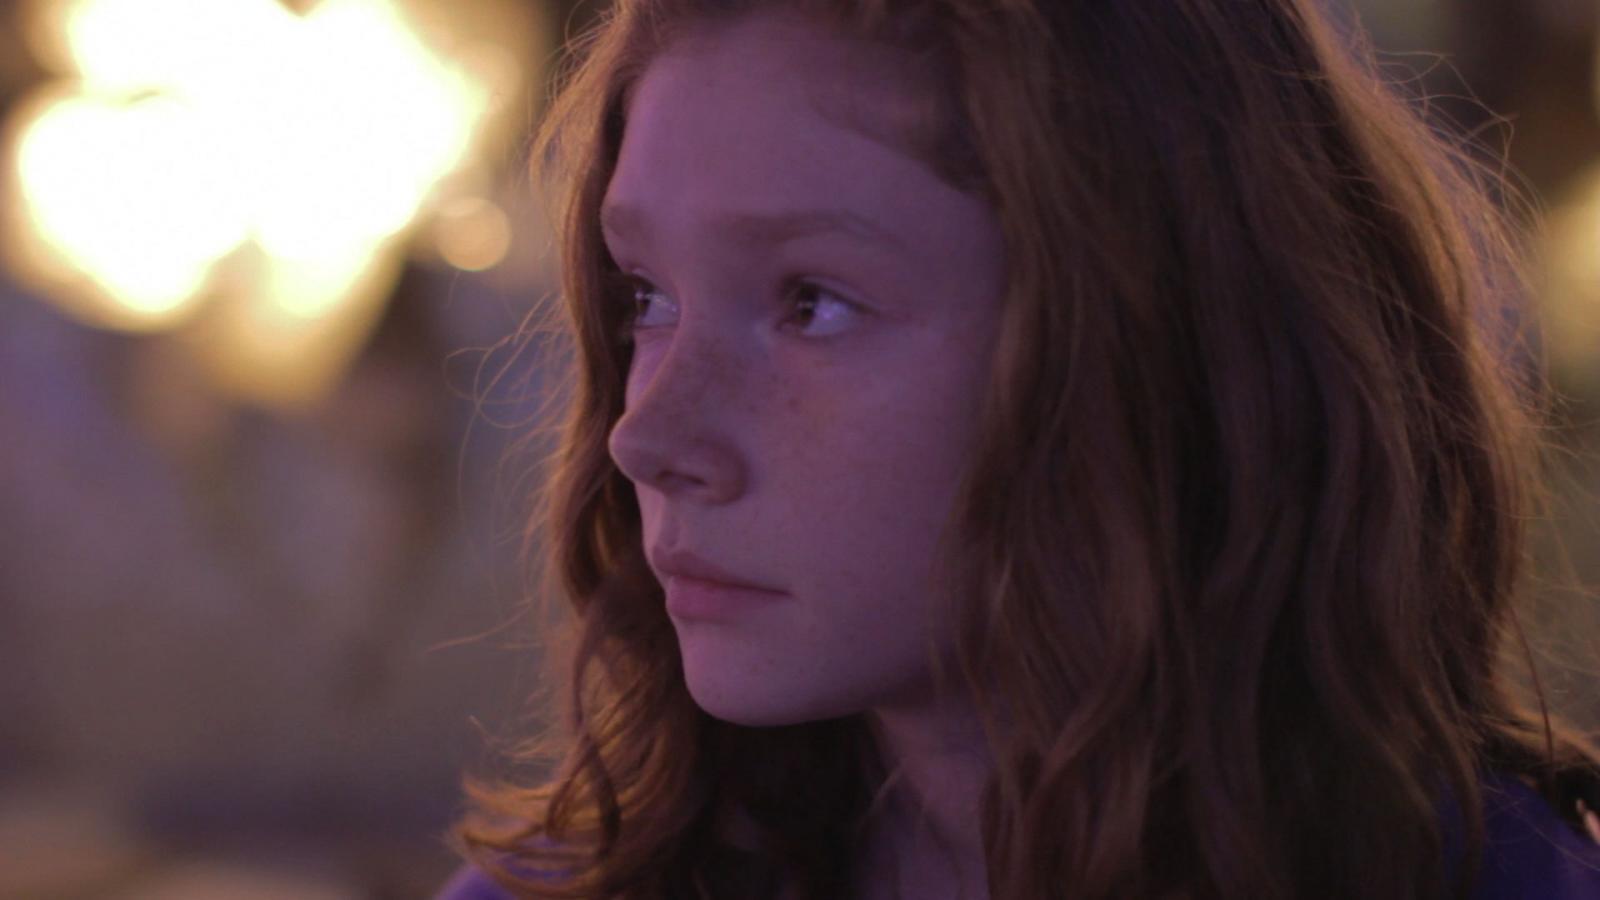 Court métrage Le pays qui n'existe pas de Ducrocq Cécile (2012)